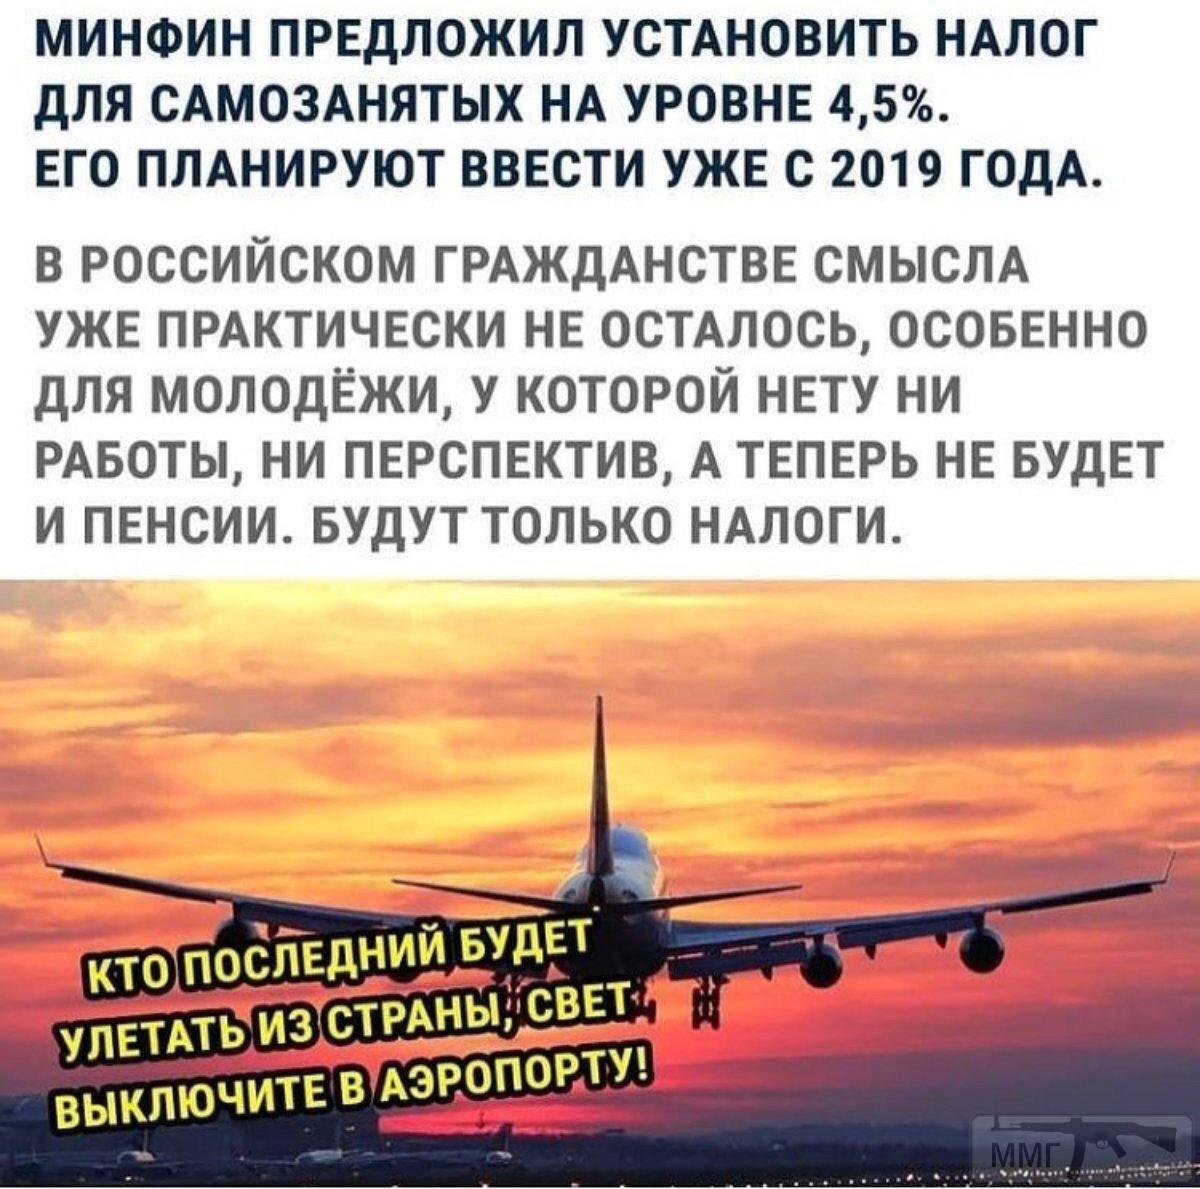 38517 - А в России чудеса!